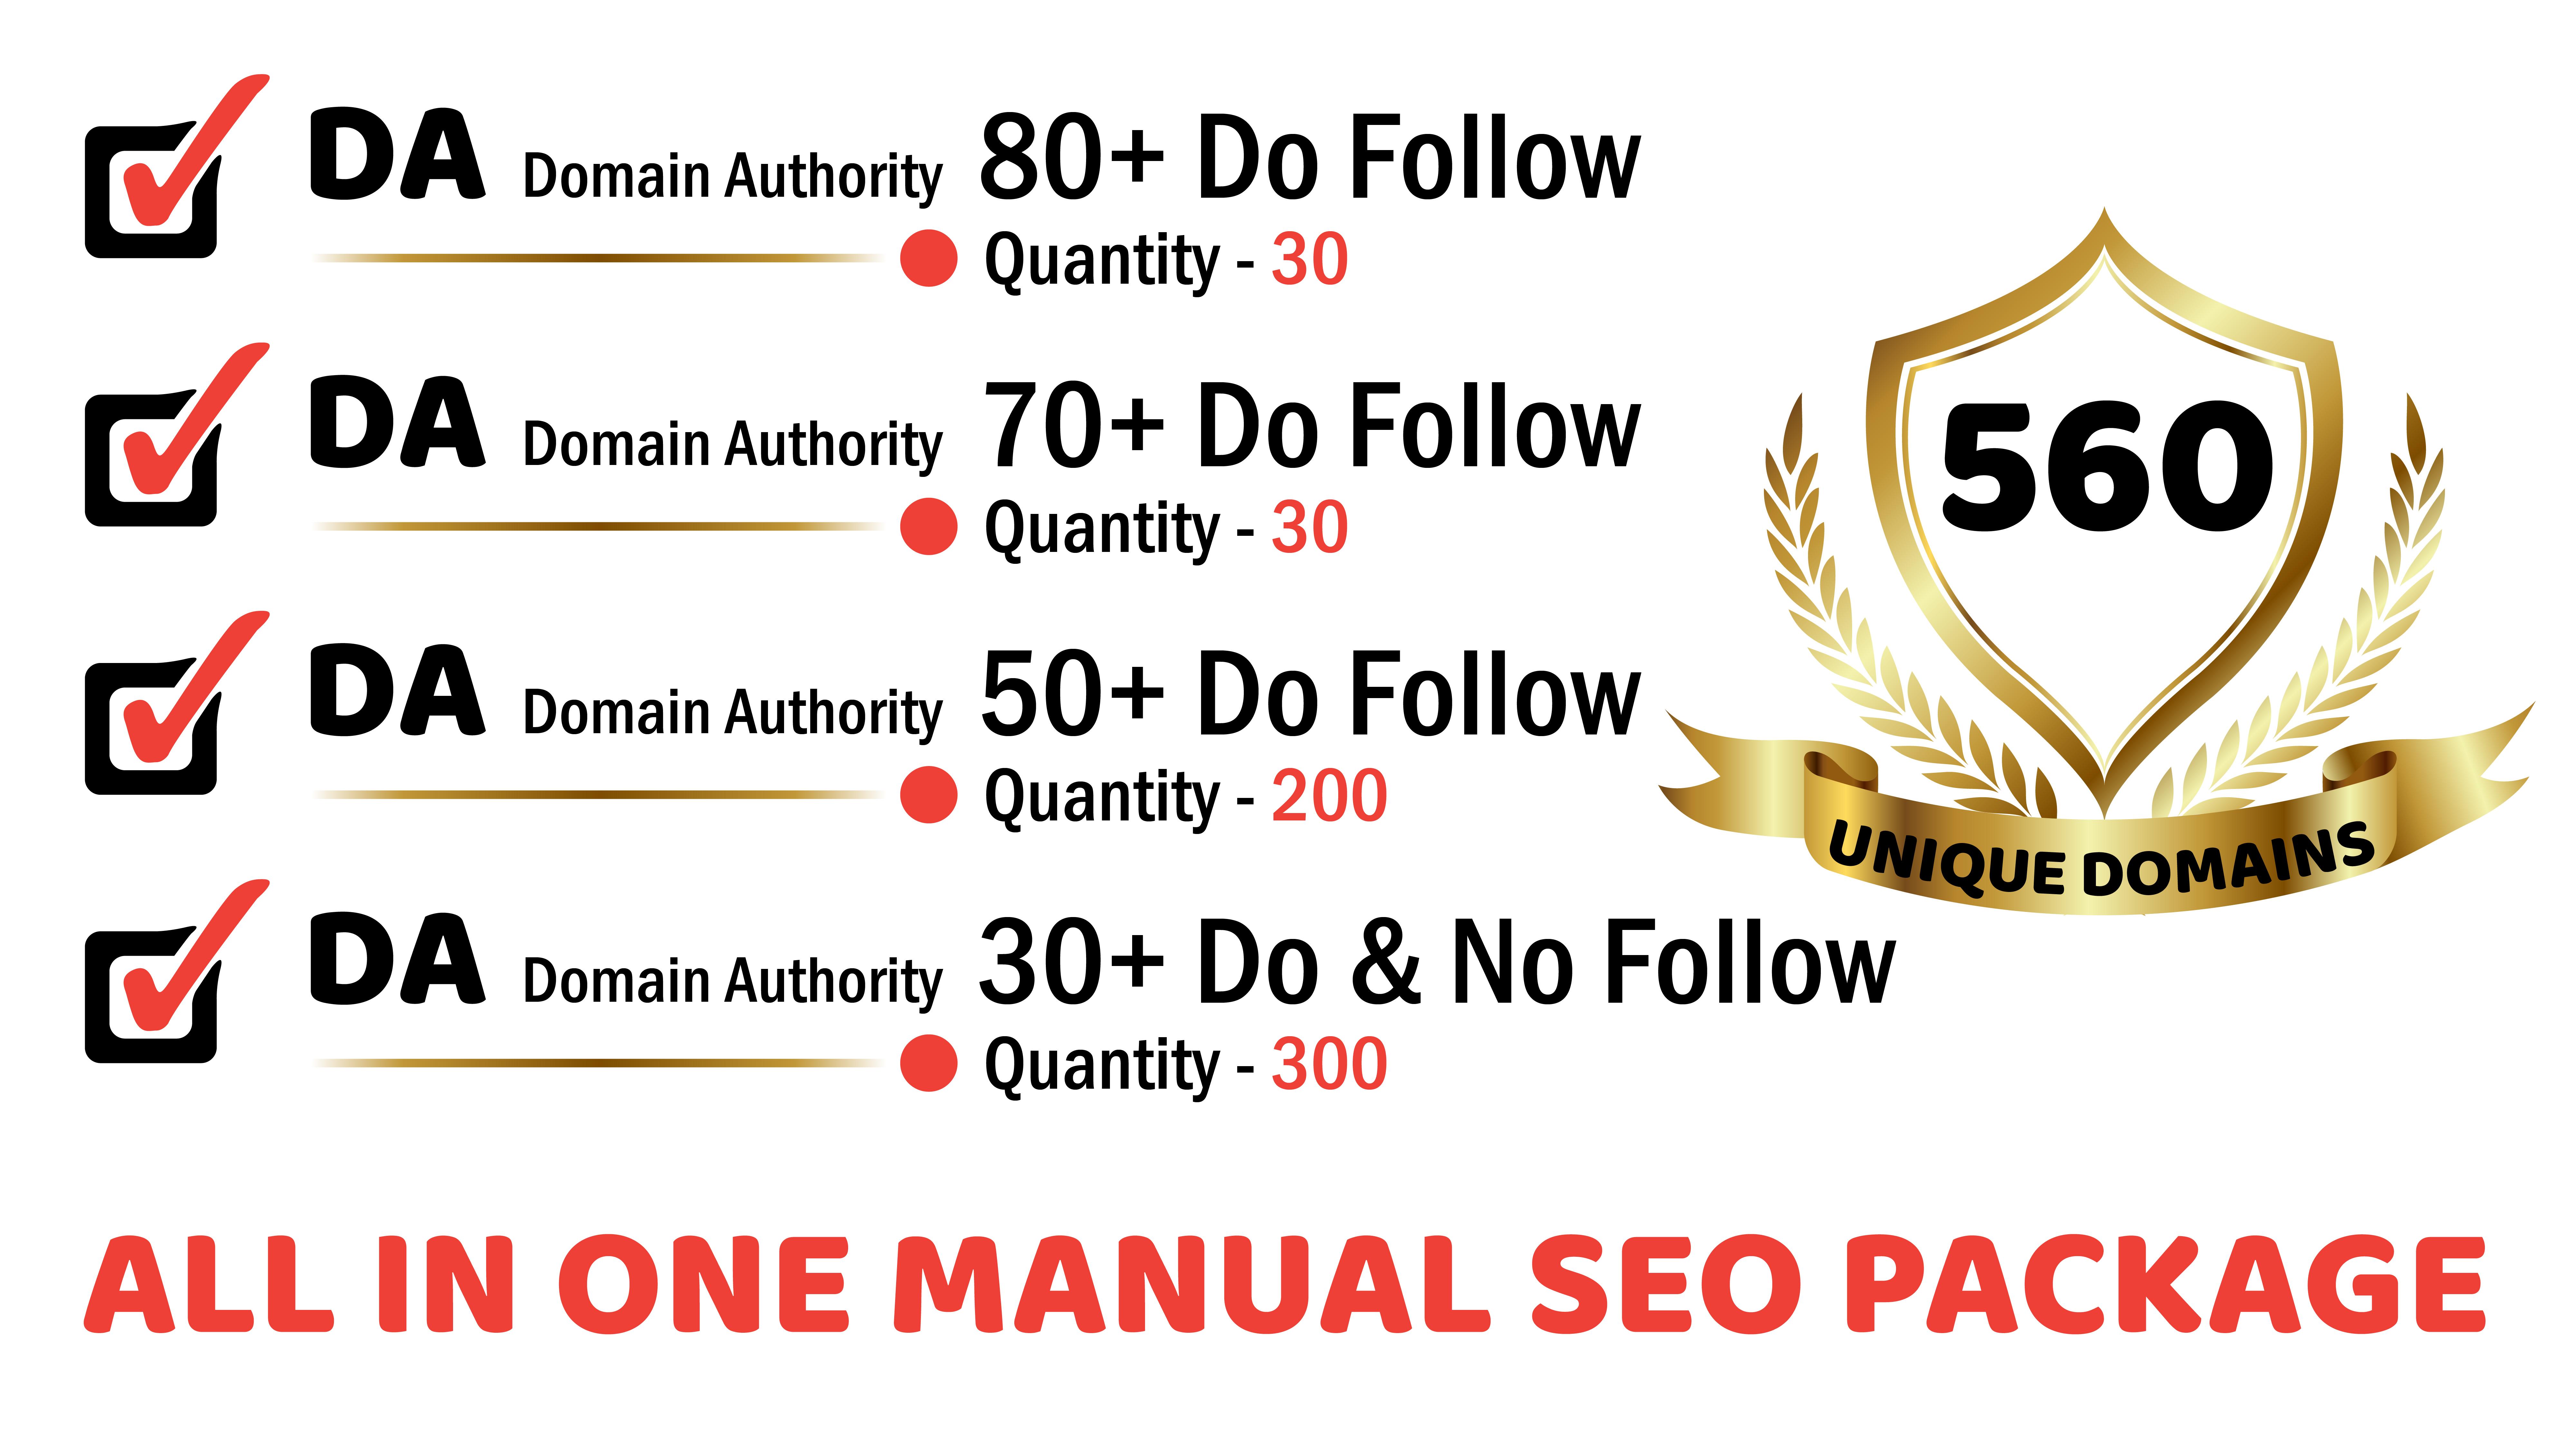 Manually Big Brand- DA 80+ to 40+- Unique 560 Domains- All In One SEO Service